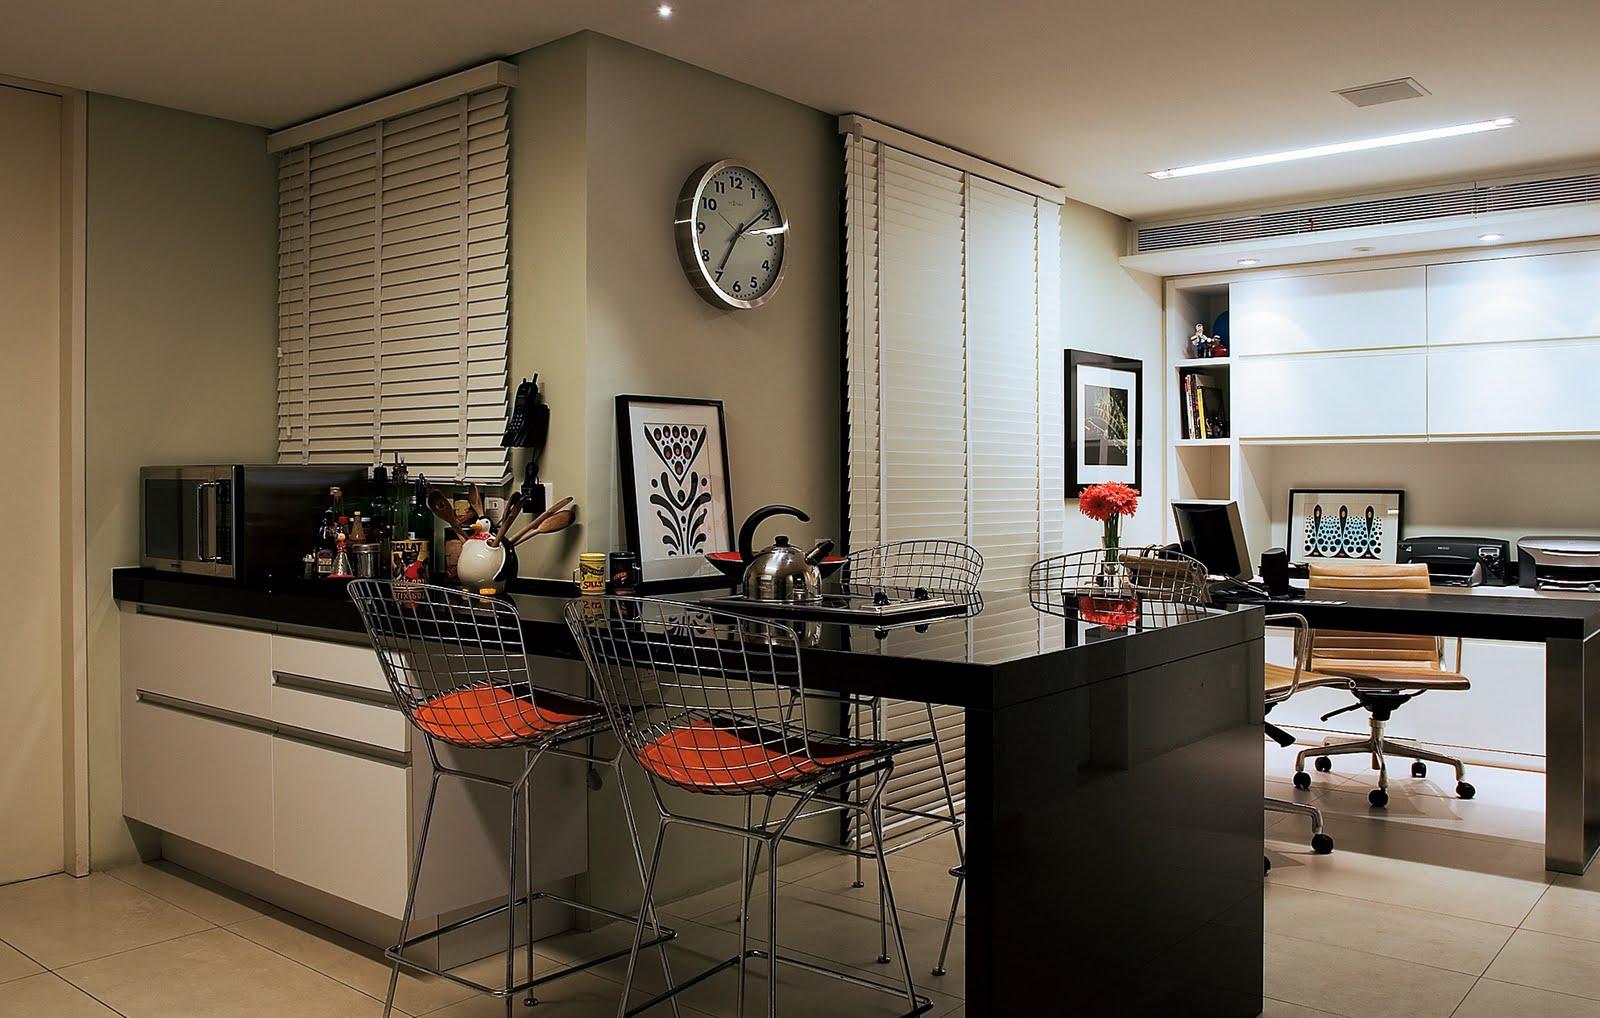 Cozinha integrada com o ambiente de trabalho #AB3A20 1600 1018